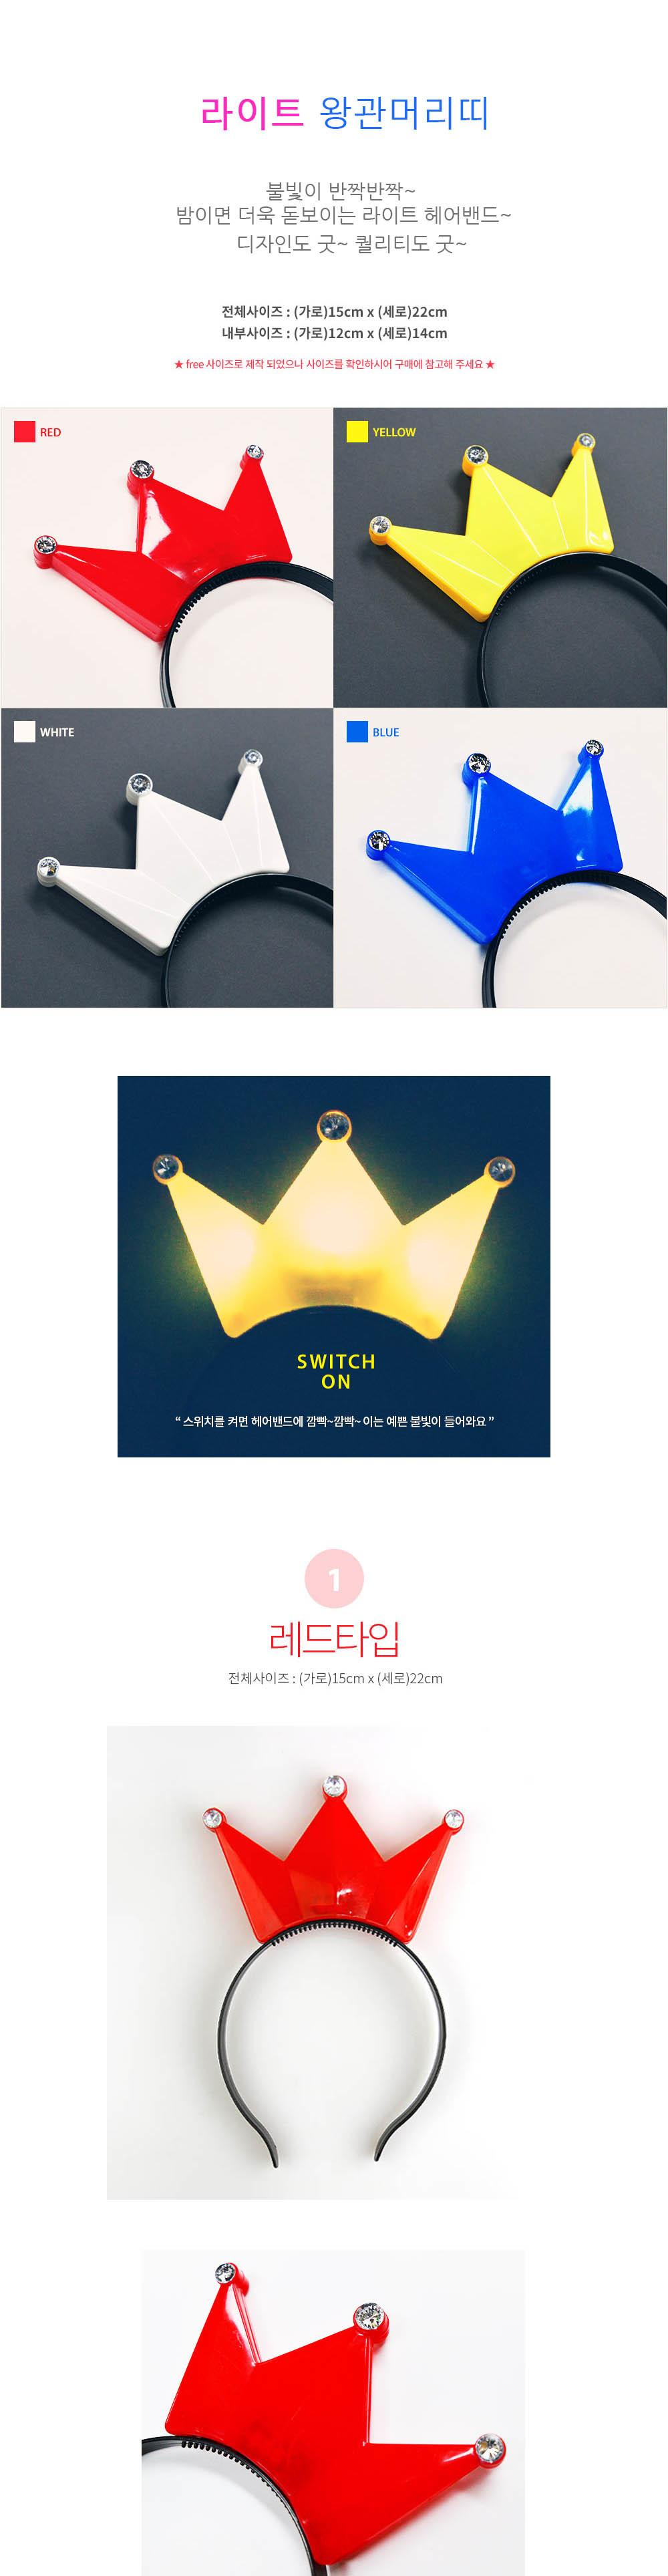 라이트 왕관헤어밴드(4색) - 파티클럽, 1,900원, 파티용품, 할로윈 파티